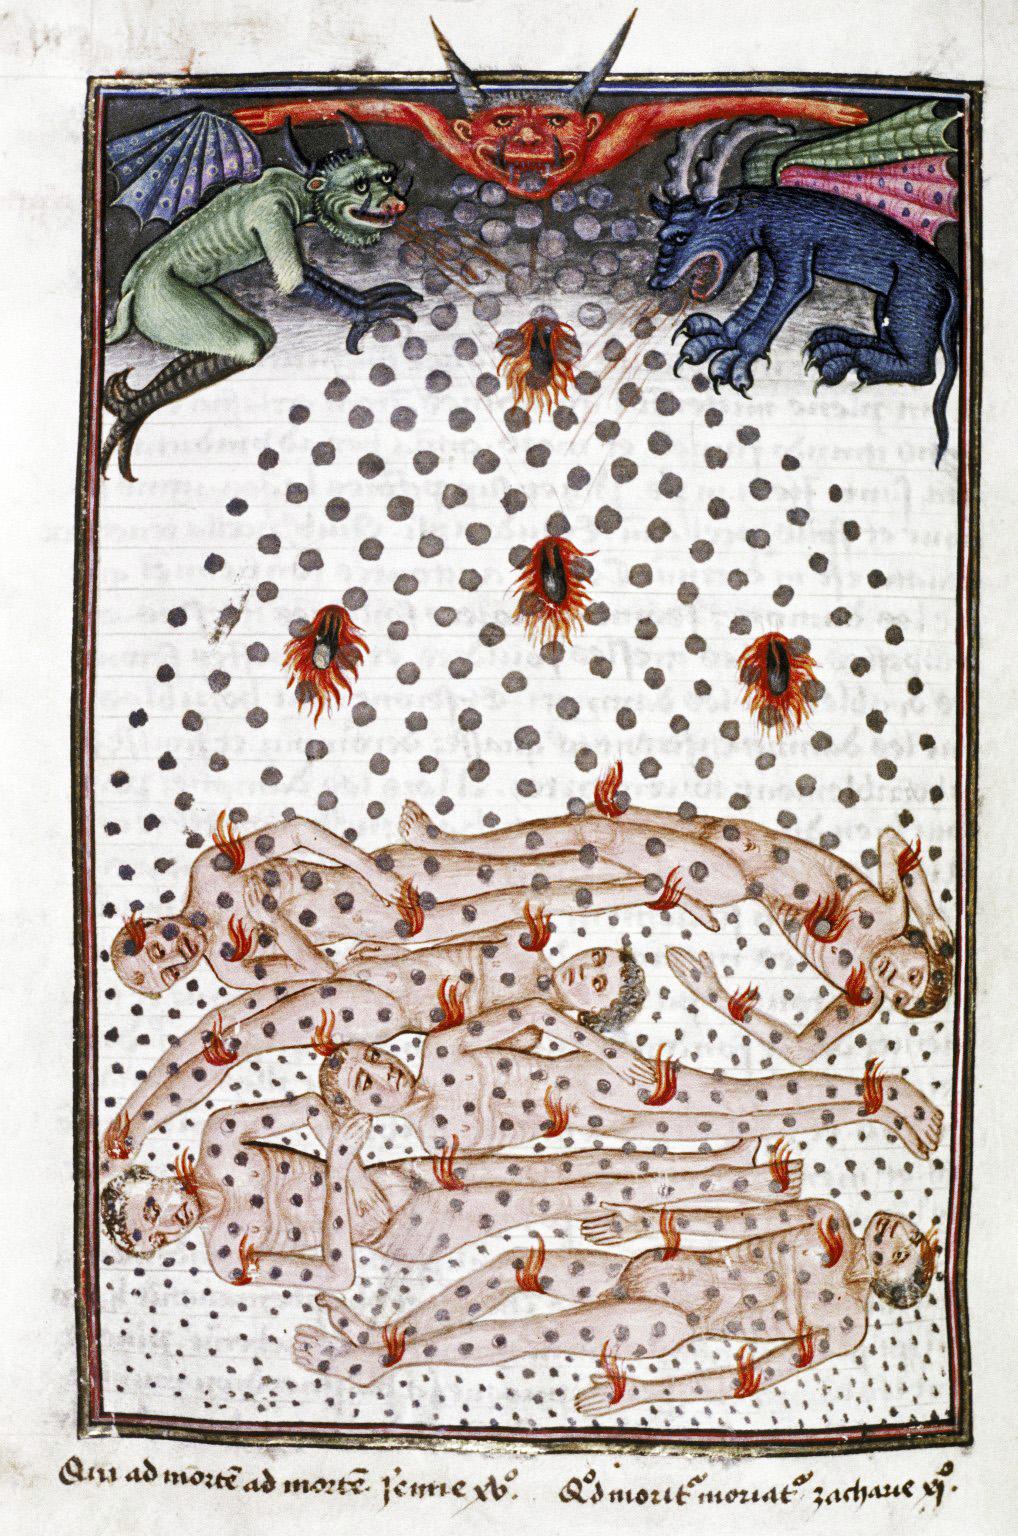 Demons From The Livre de la vigne nostre Seigneur, 1450 - 70 (24)